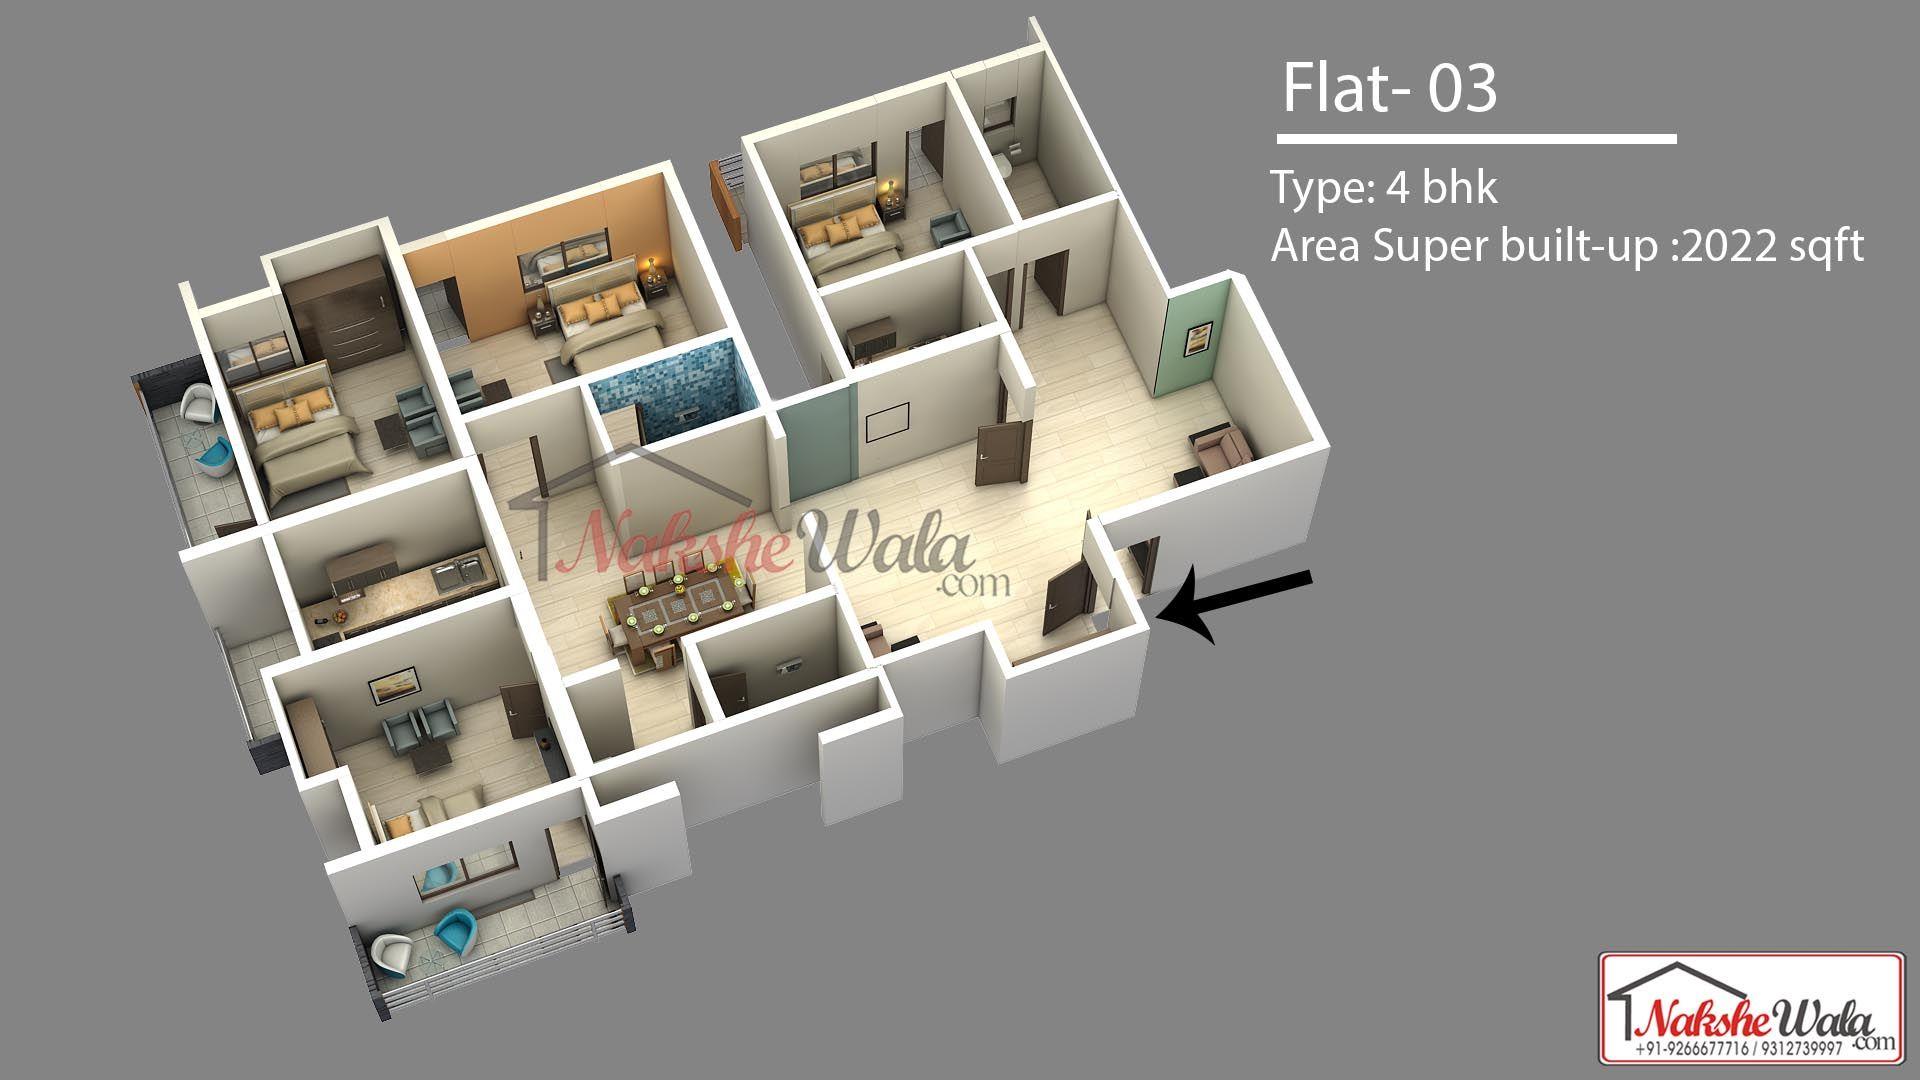 4 Bhk 3d Floor Plan Designed By Nakshewala Com Contact 91 8010822233 Floor Plan Design Floor Plans Floor Plan Layout